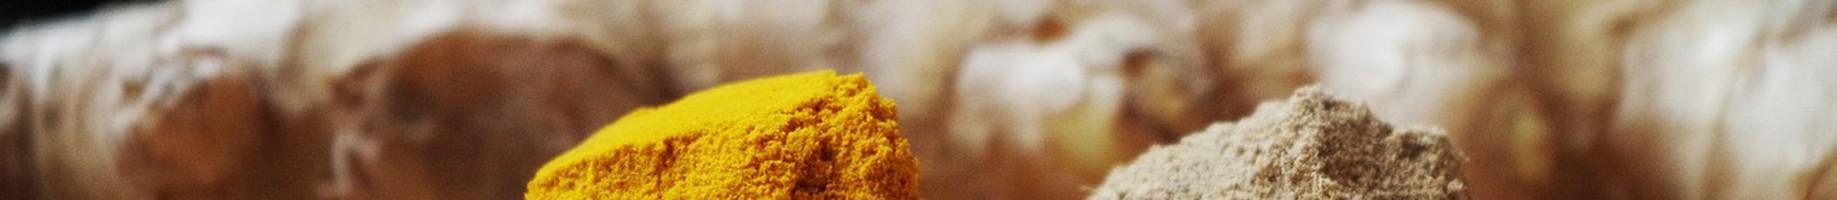 ginger-1191945_1280 (1)